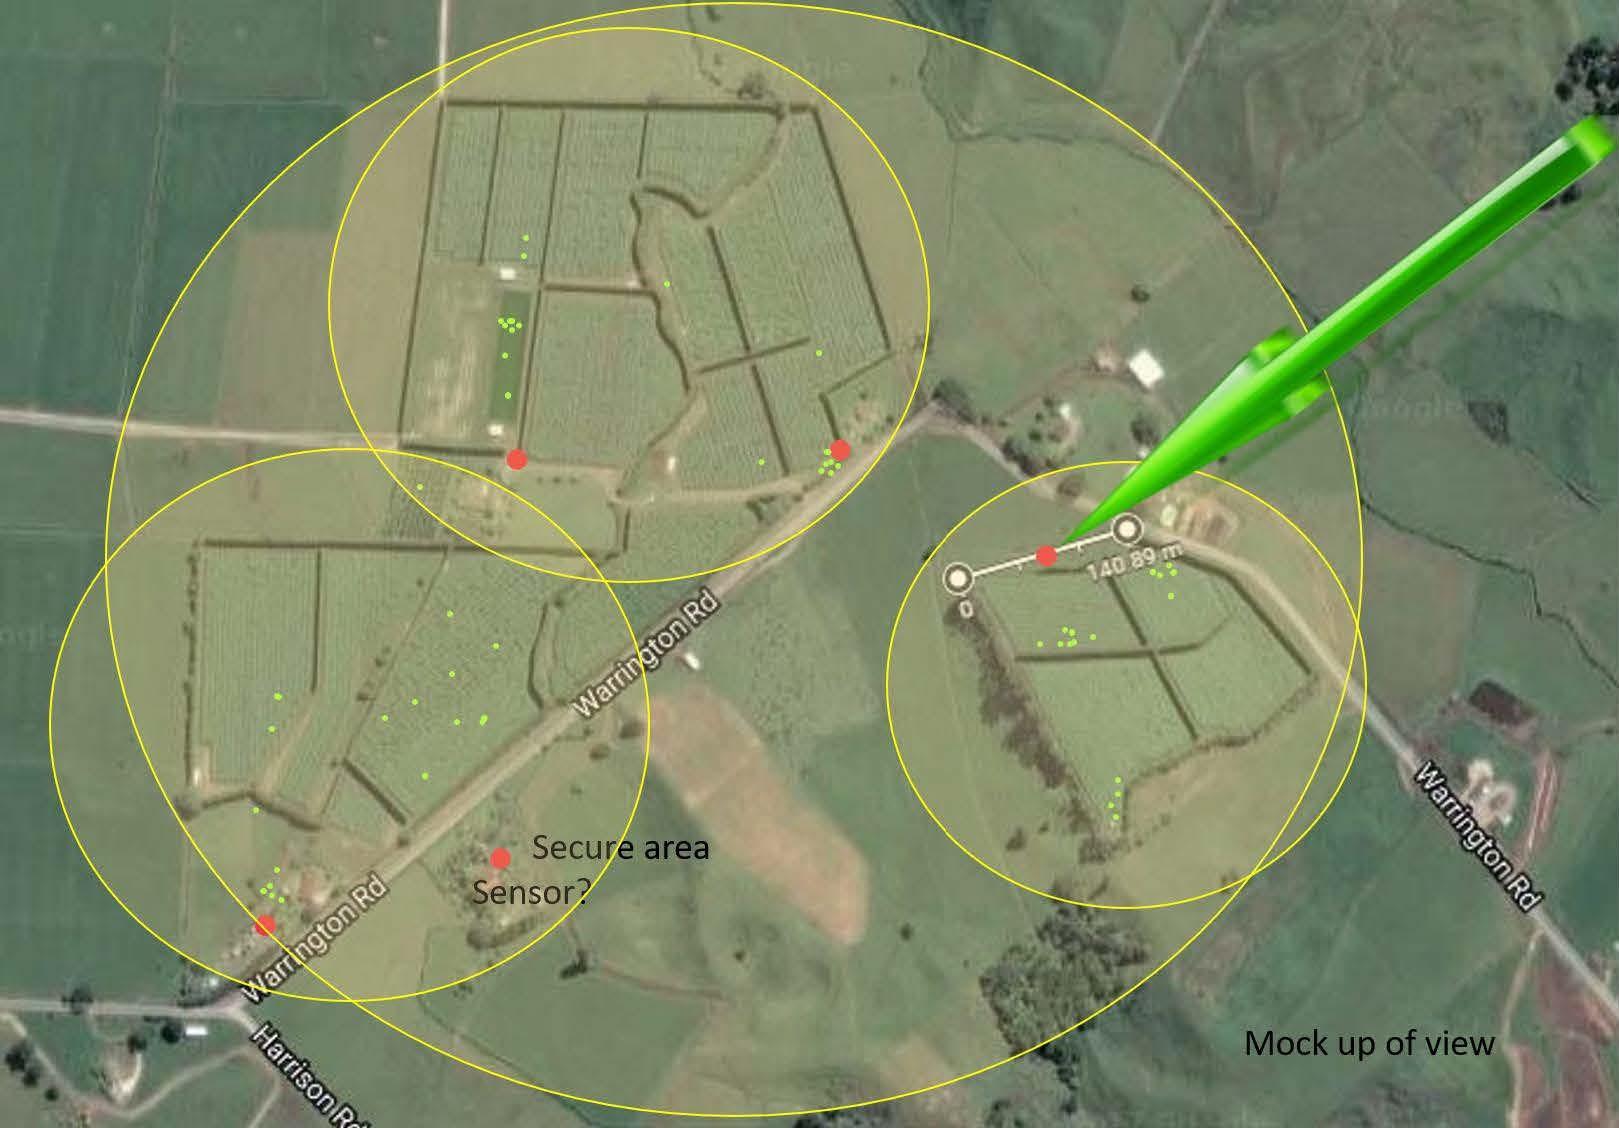 Forsite Proposal - Information request  NZKGI  NZ1-14880009 (2).jpg